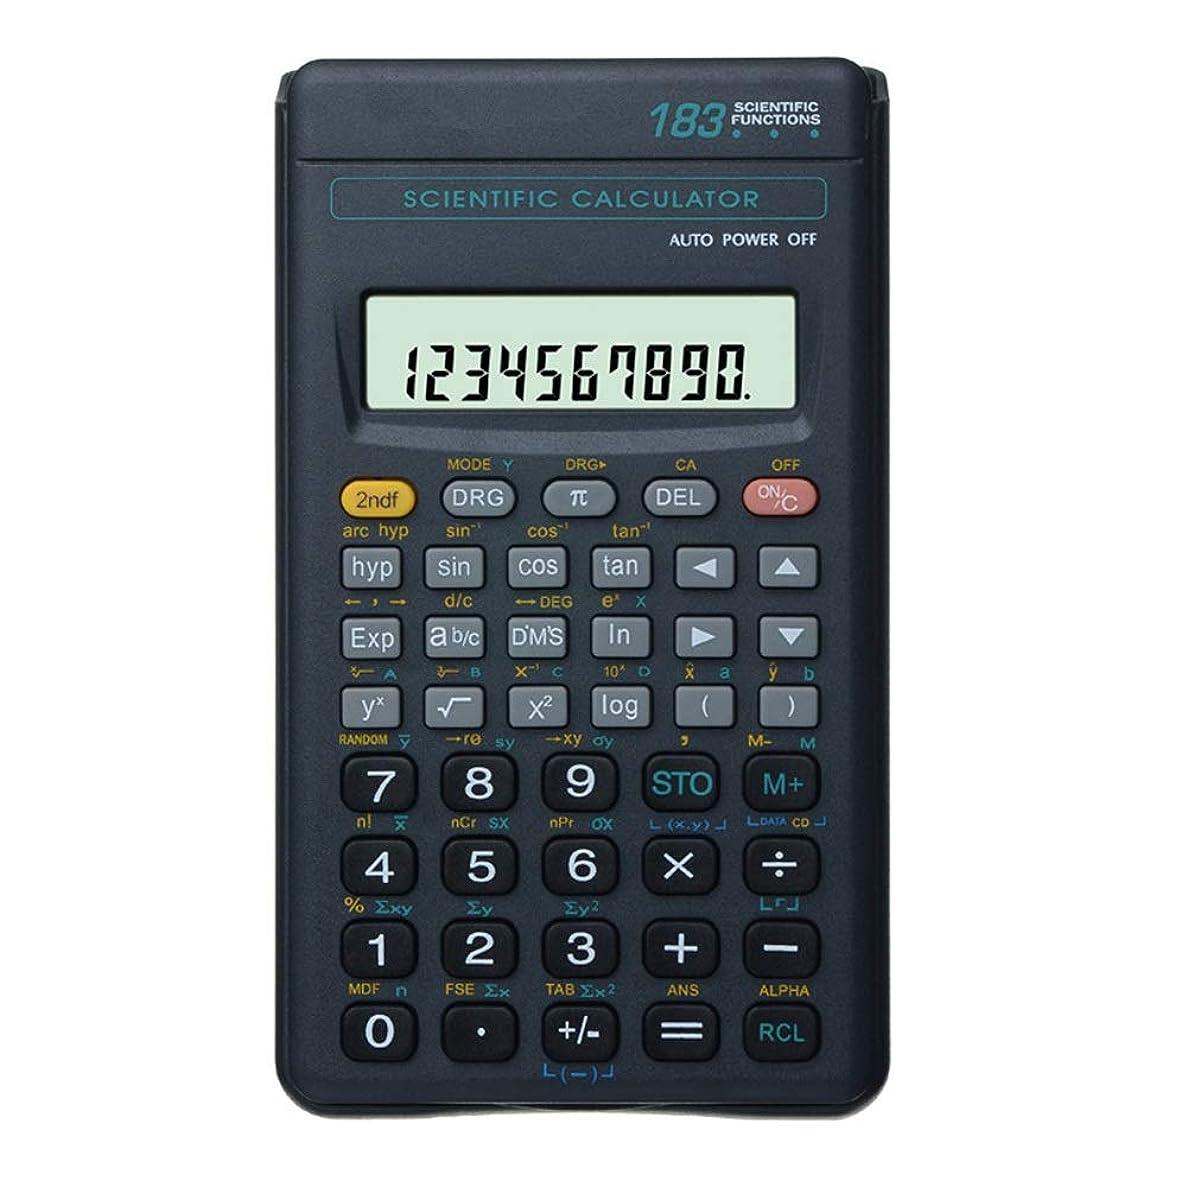 重力笑い着服電子式電卓 学生科学関数計算機多機能エネルギー計算機183関数関数 コンパクトポータブル